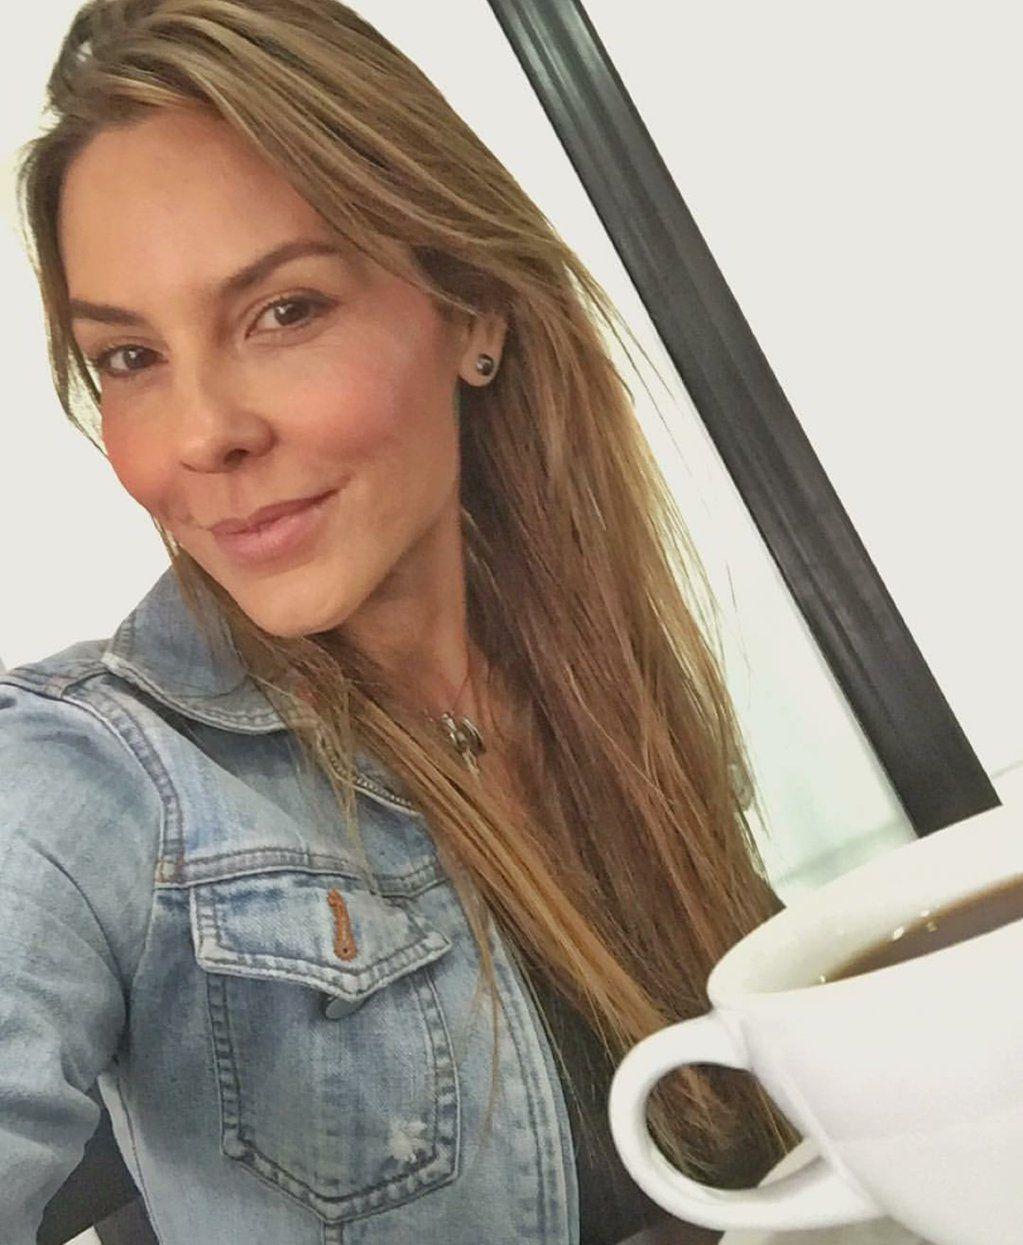 """Paula Andrea B. on Twitter: """"Recuerda siempre: que tu actitud sea tu mejor traje y tu sonrisa el mejor regalo. #FelizSemana https://t.co/T9MvLjYPaD"""""""